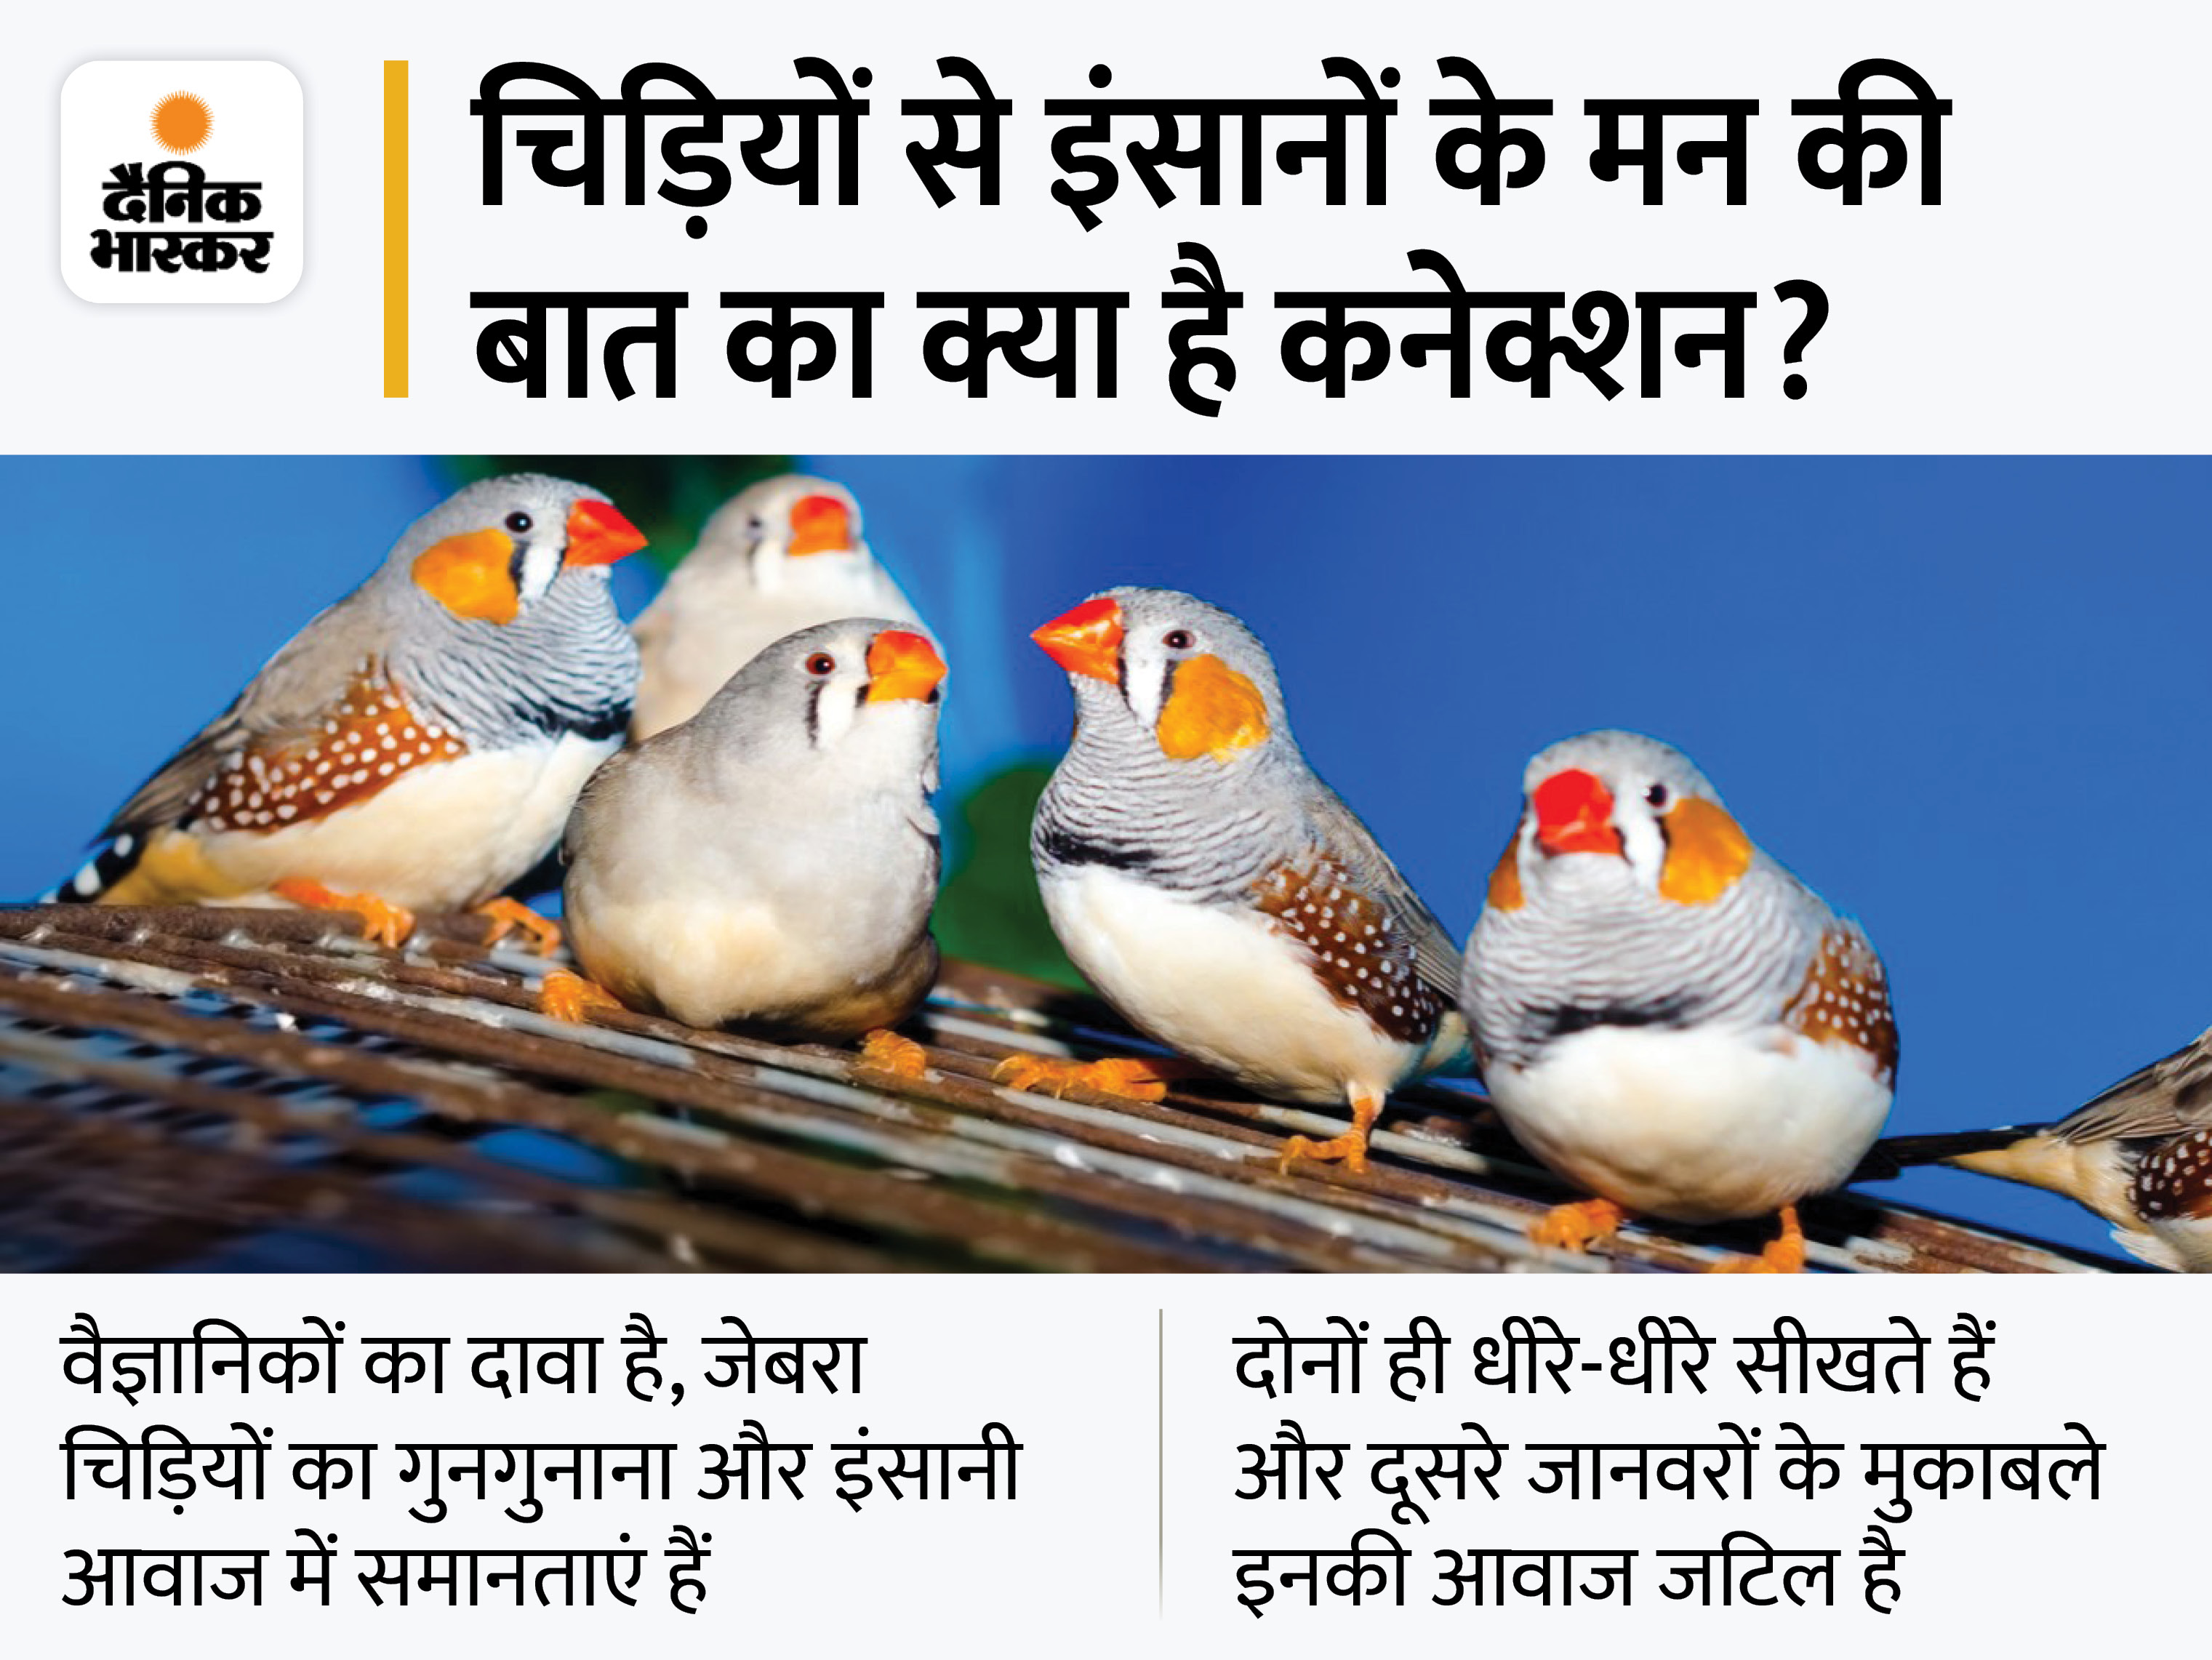 वैज्ञानिकों को चिड़िया के ब्रेन सिग्नल पढ़ने में कामयाबी मिली, इससे बोल न पाने वाले इंसानों के मन की बात समझी जा सकेगी|लाइफ & साइंस,Happy Life - Dainik Bhaskar